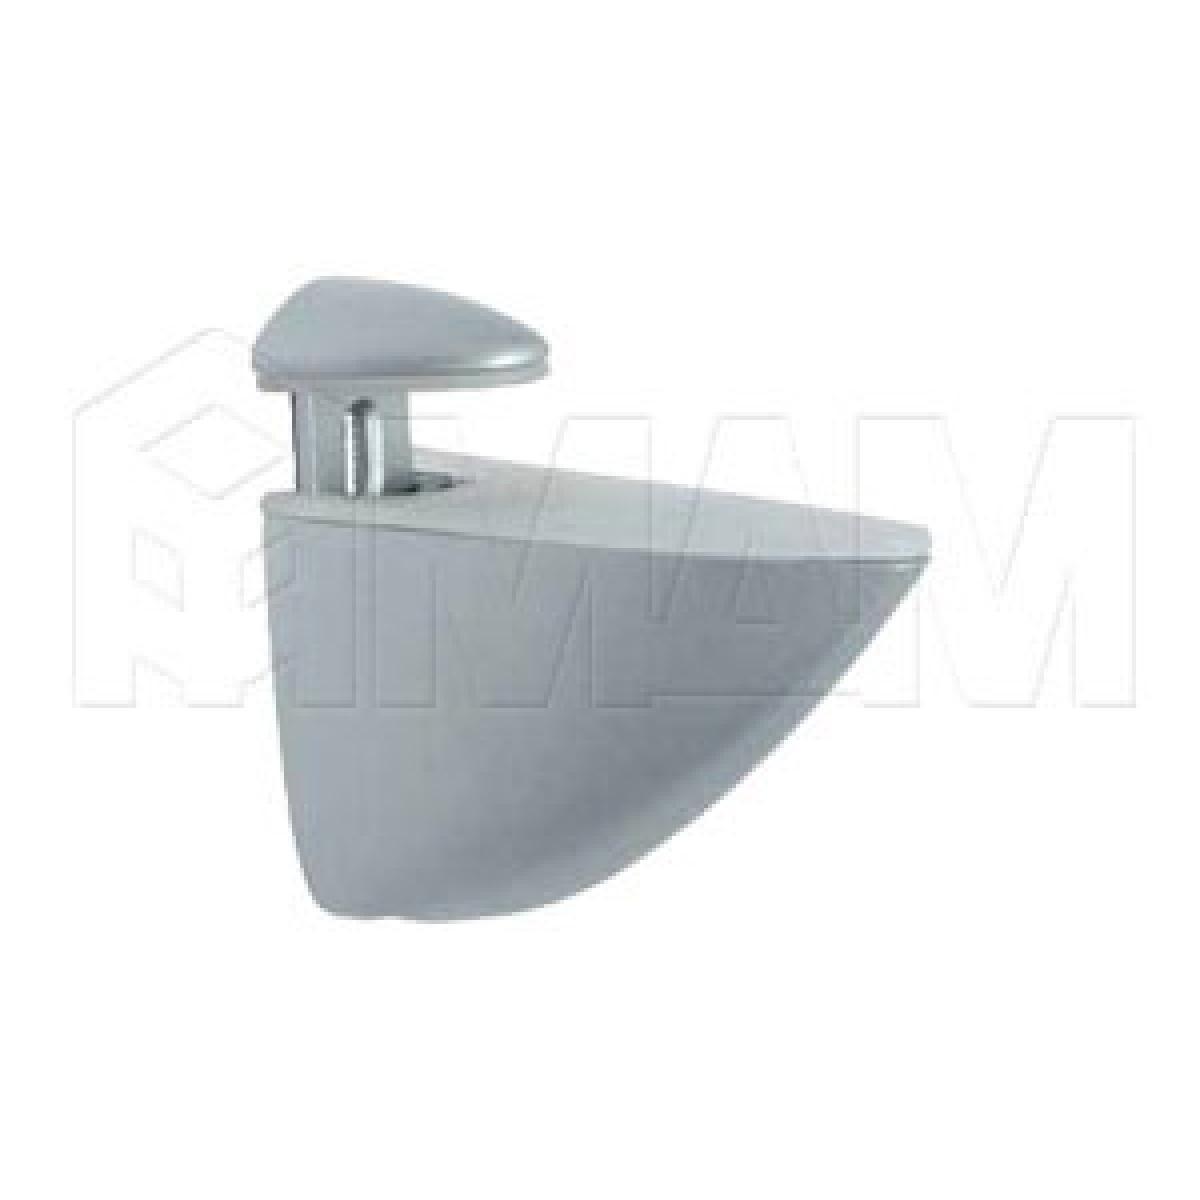 ПЕЛИКАН Менсолодержатель для деревянных и стеклянных полок 4 - 40 мм, хром матовый